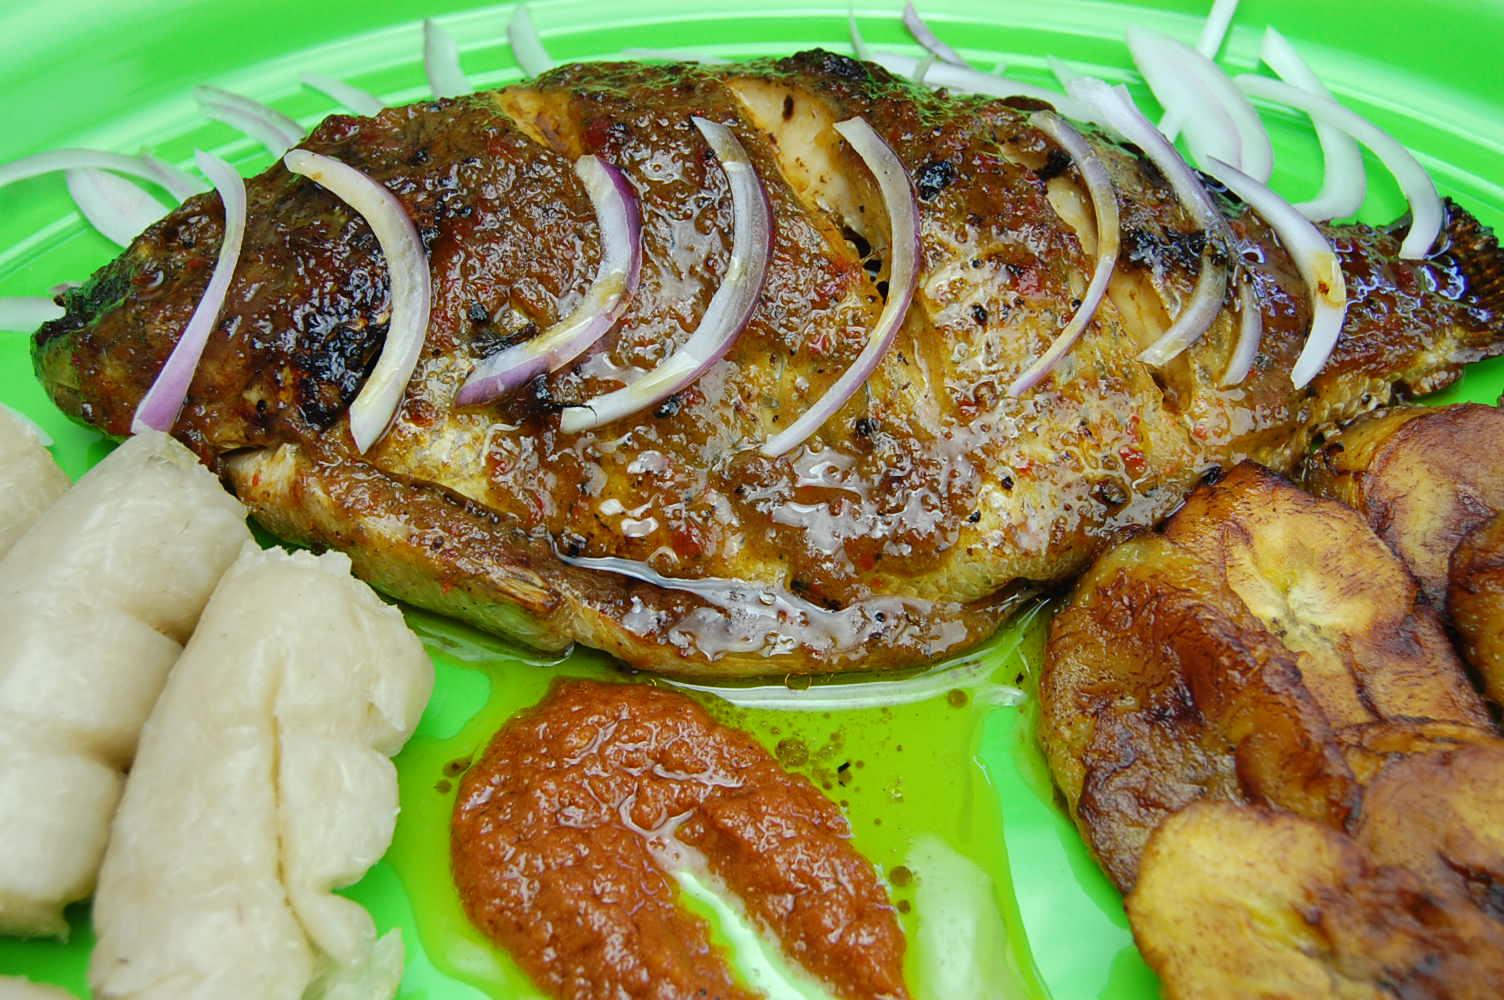 Recettes de cuisine africaine par ToiMoietCuisine  Tilapia au four Sandwich aux oeufs pic